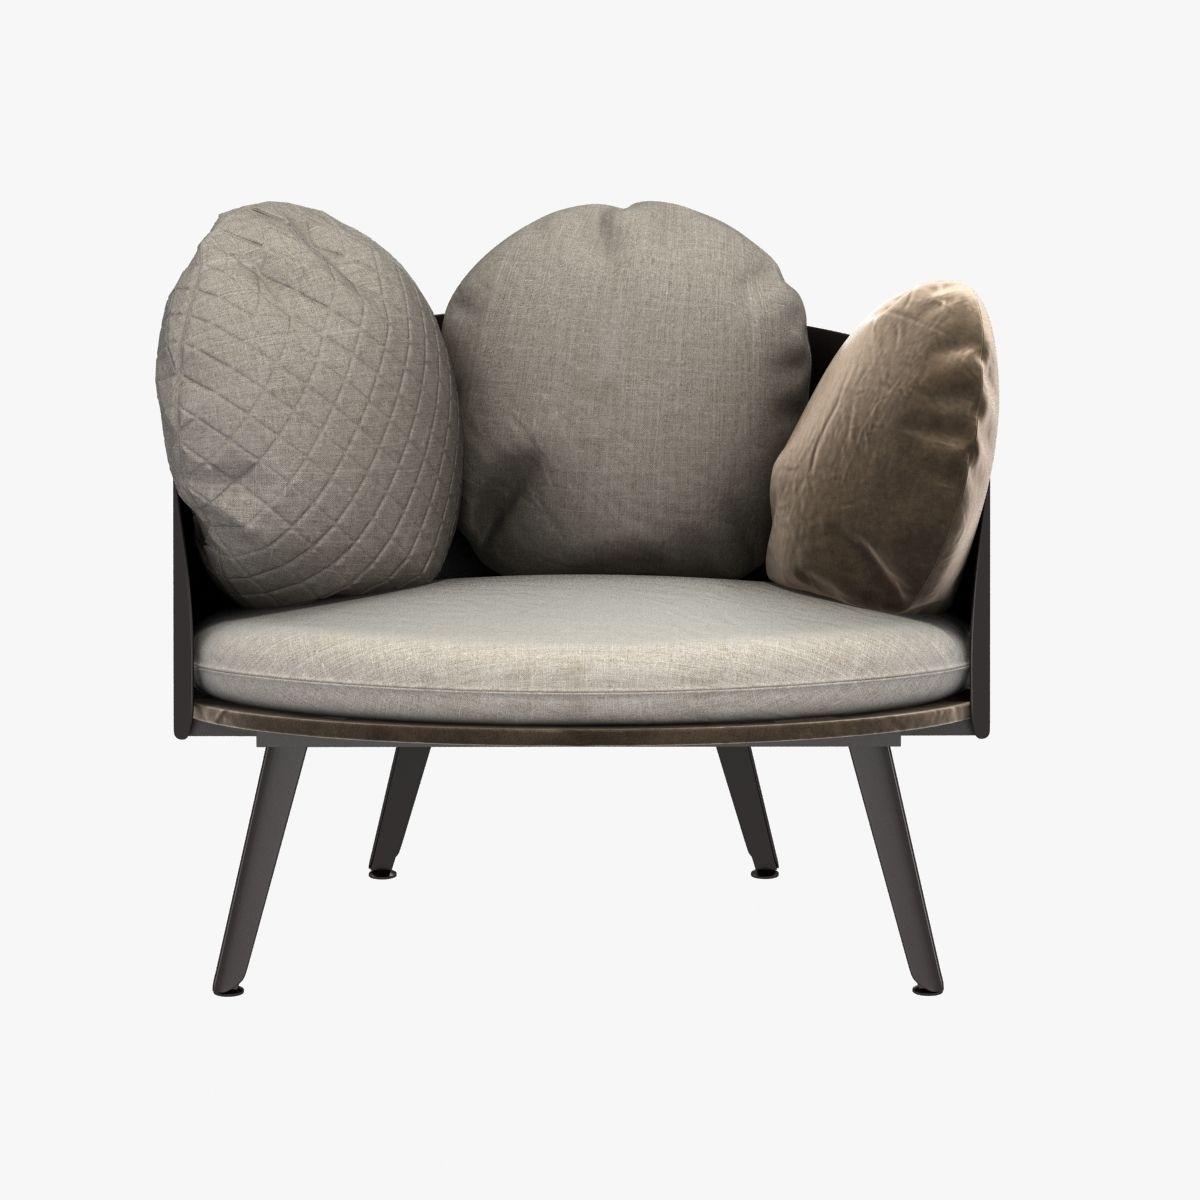 ... Nubilo Chair By Petite Furniture 3d Model Max Obj 3ds Fbx Mtl 6 ...